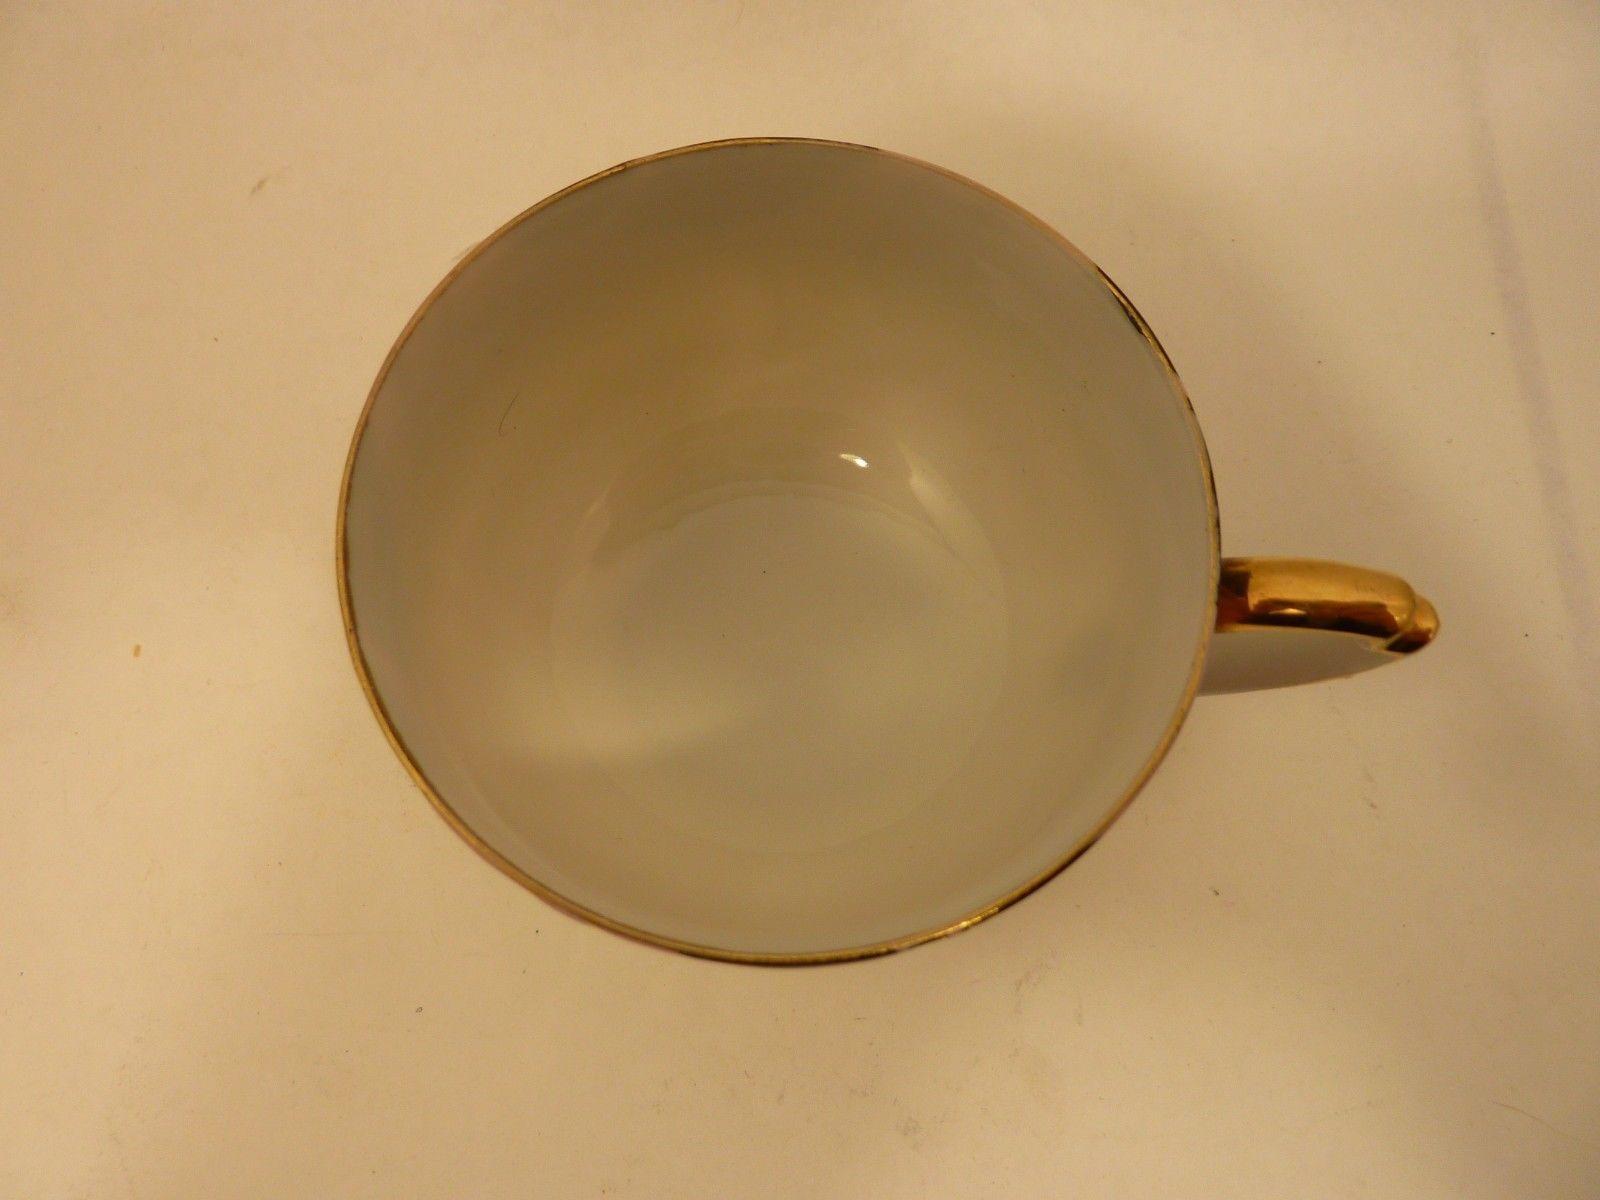 Ucagco China Occupied Japan Teacup Matching Saucer Set